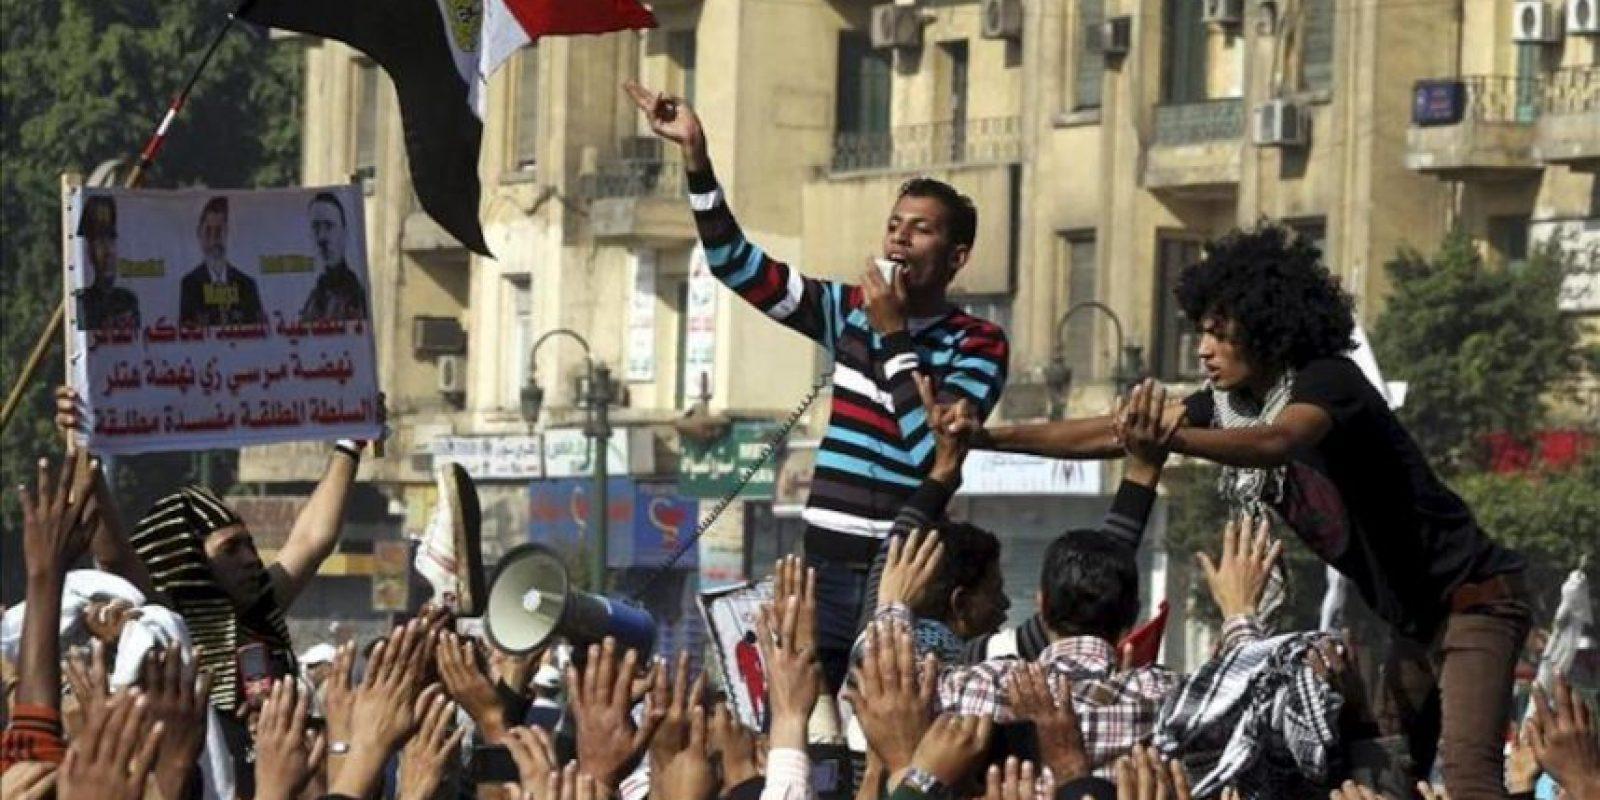 Opositores egipcios se manifiestan contra el presidente, Mohamed Mursi, por emitir hoy una declaración constitucional para blindar sus poderes ante la Justicia, en El Cairo. EFE